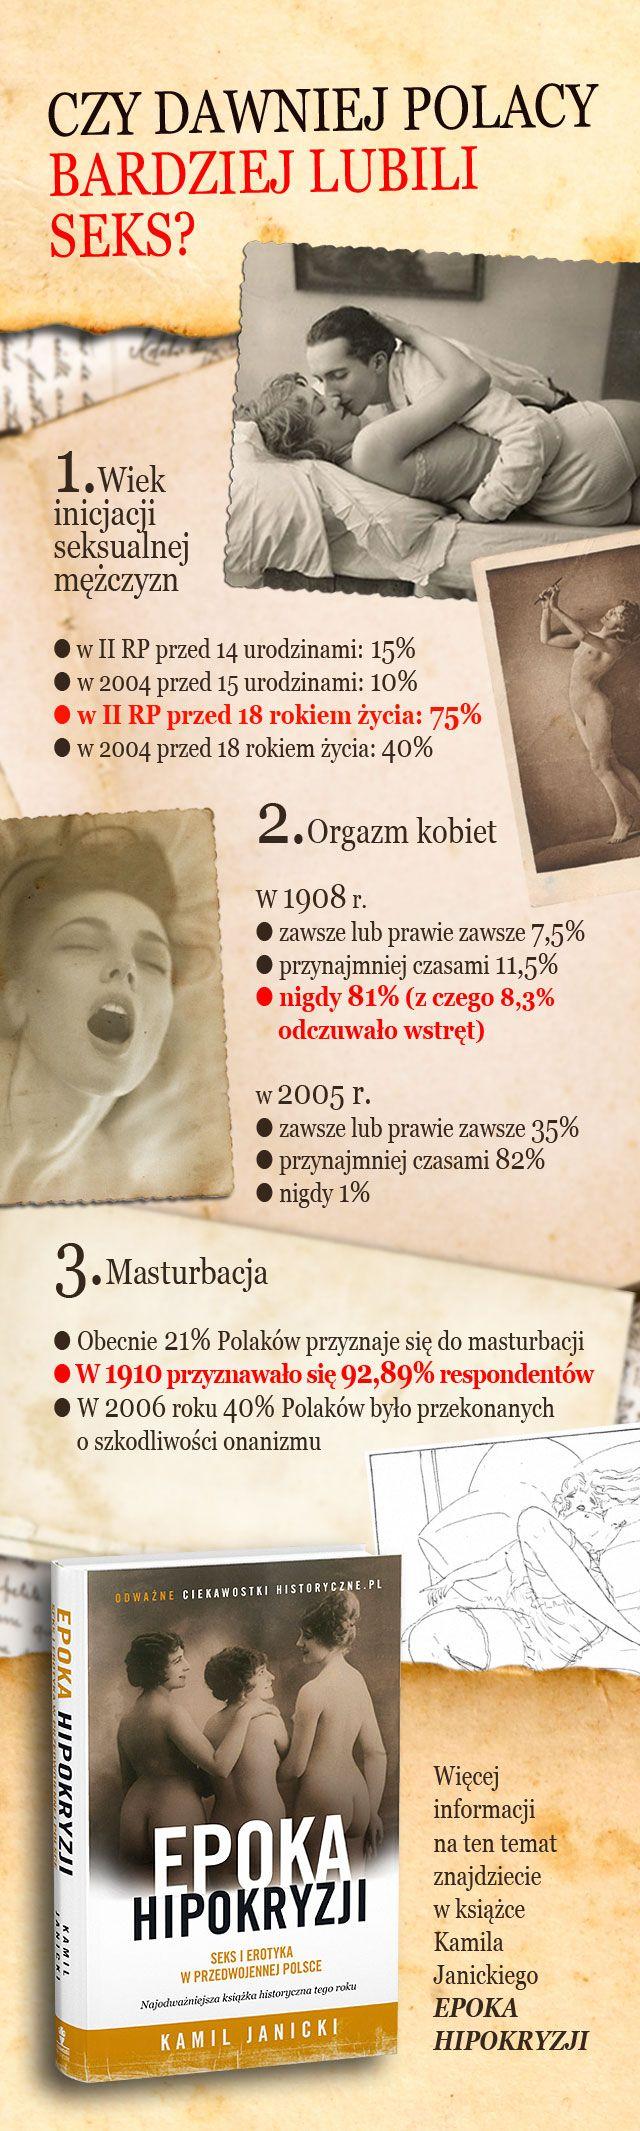 Infografika. Czy dawniej Polacy bardziej lubili seks?